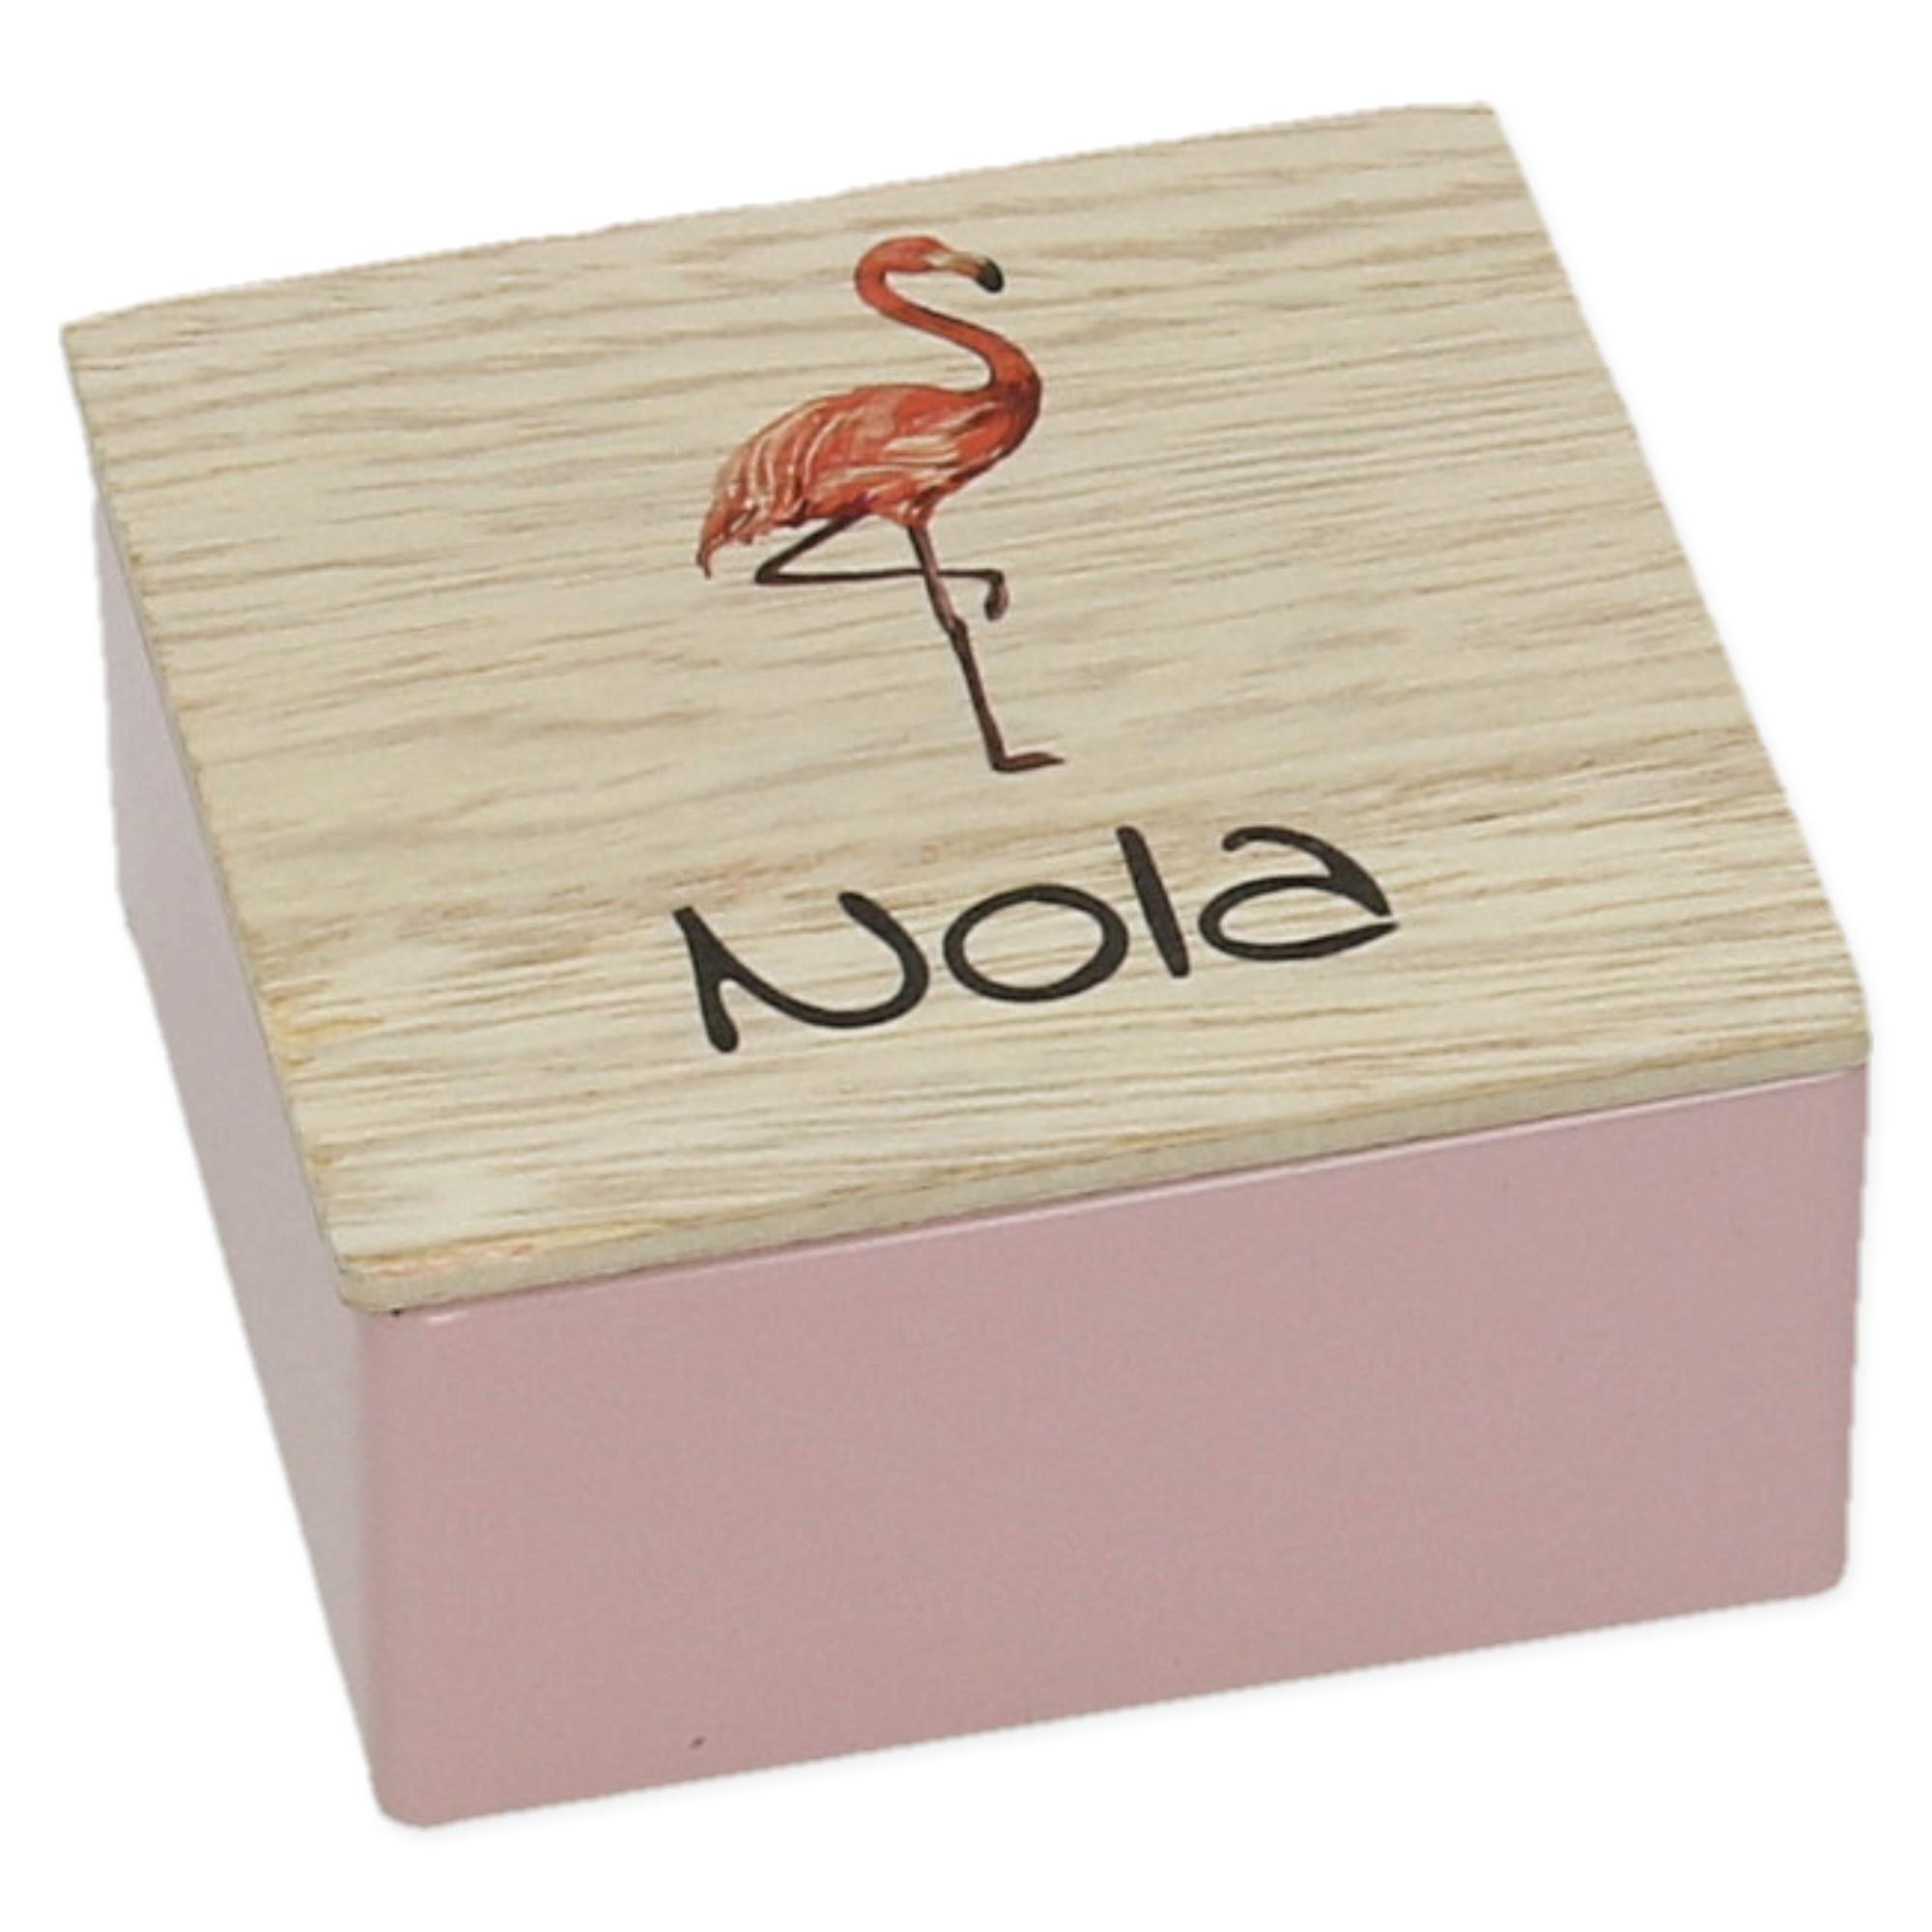 Vierkant potje in metaal met houten deksel met print - set van 5